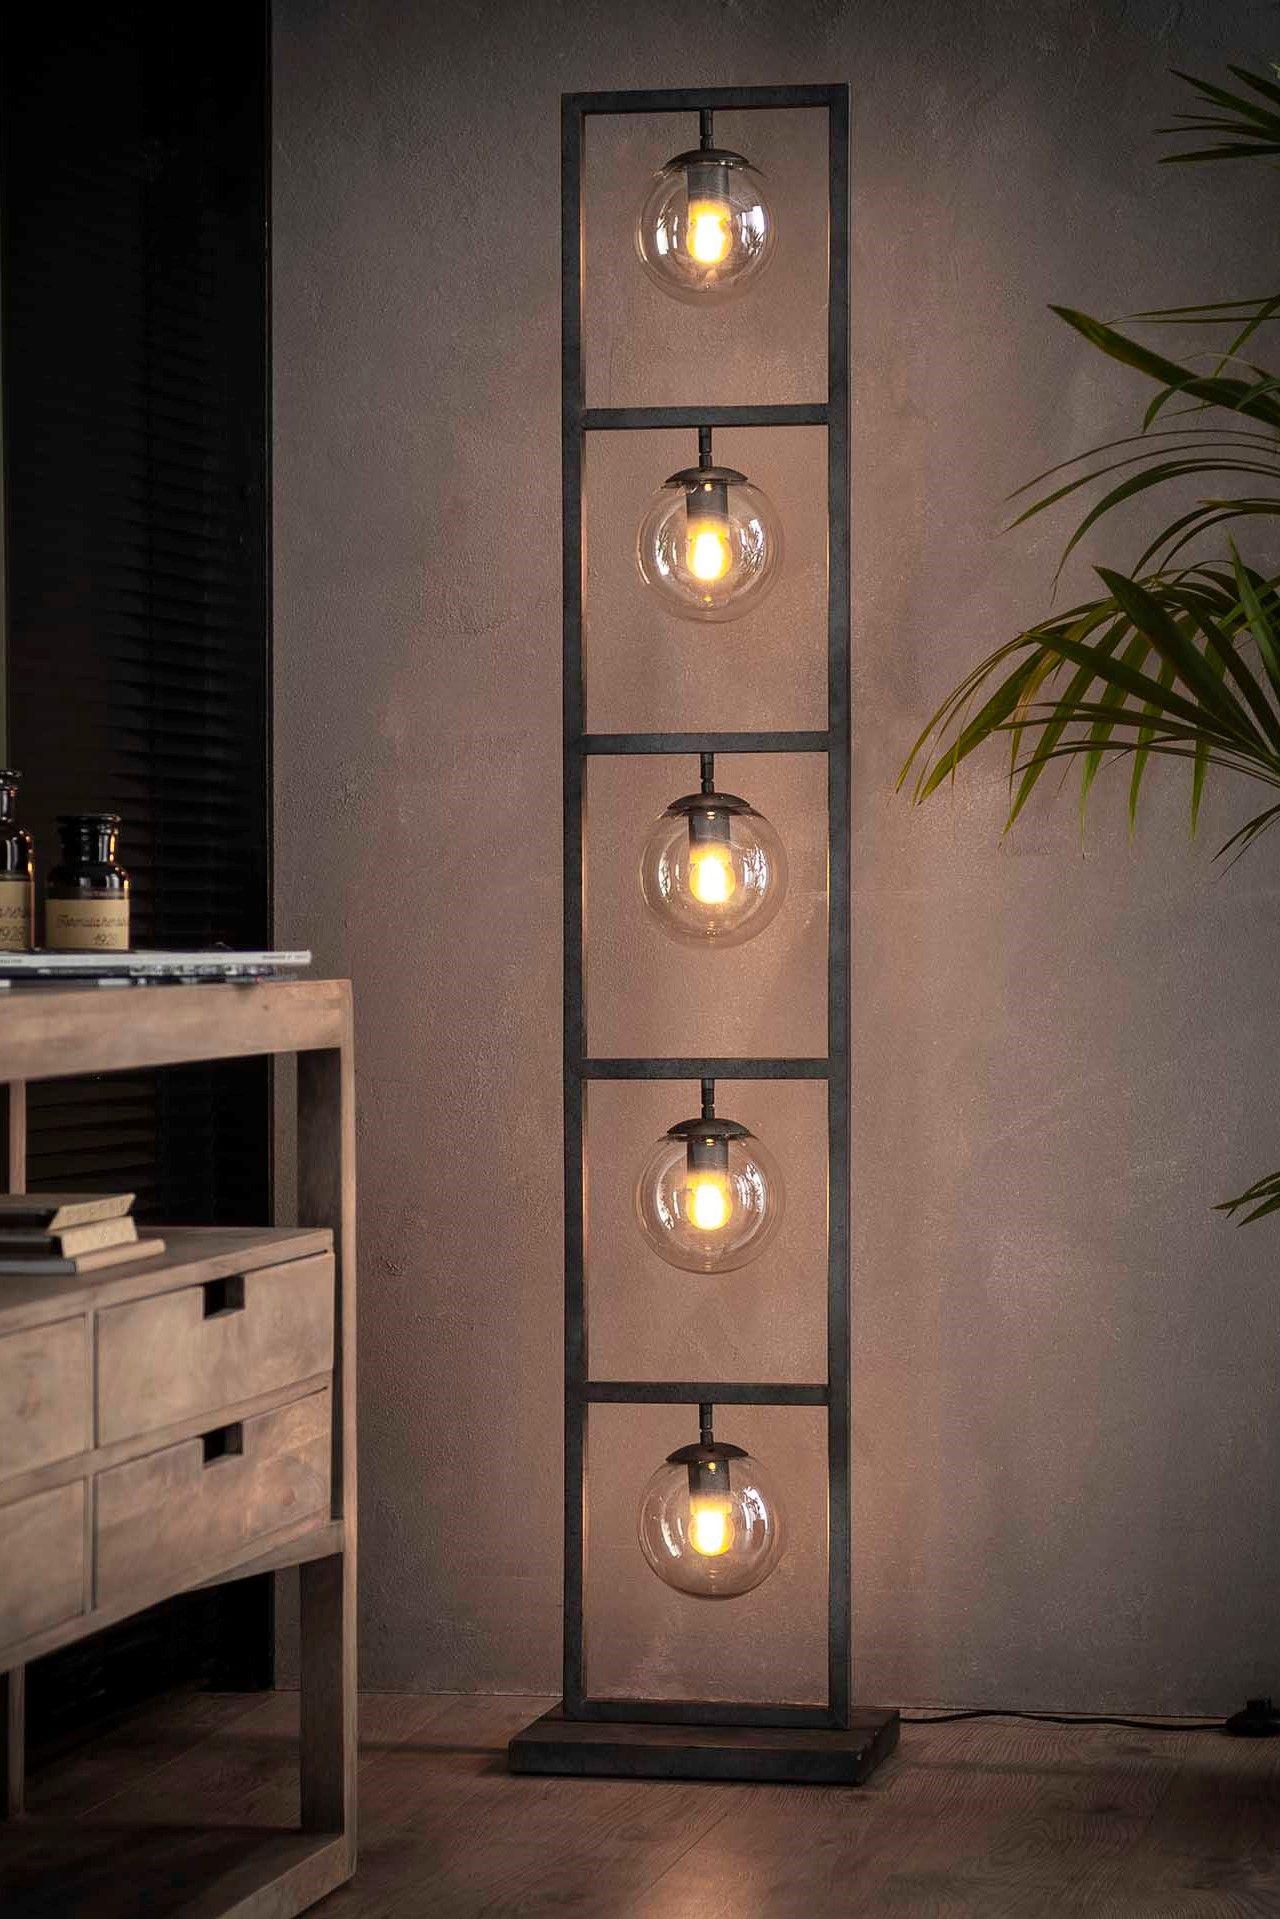 Stehlampe Tower   Stehlampe wohnzimmer, Wohnzimmer bodenbelag, Industrie stil lampen